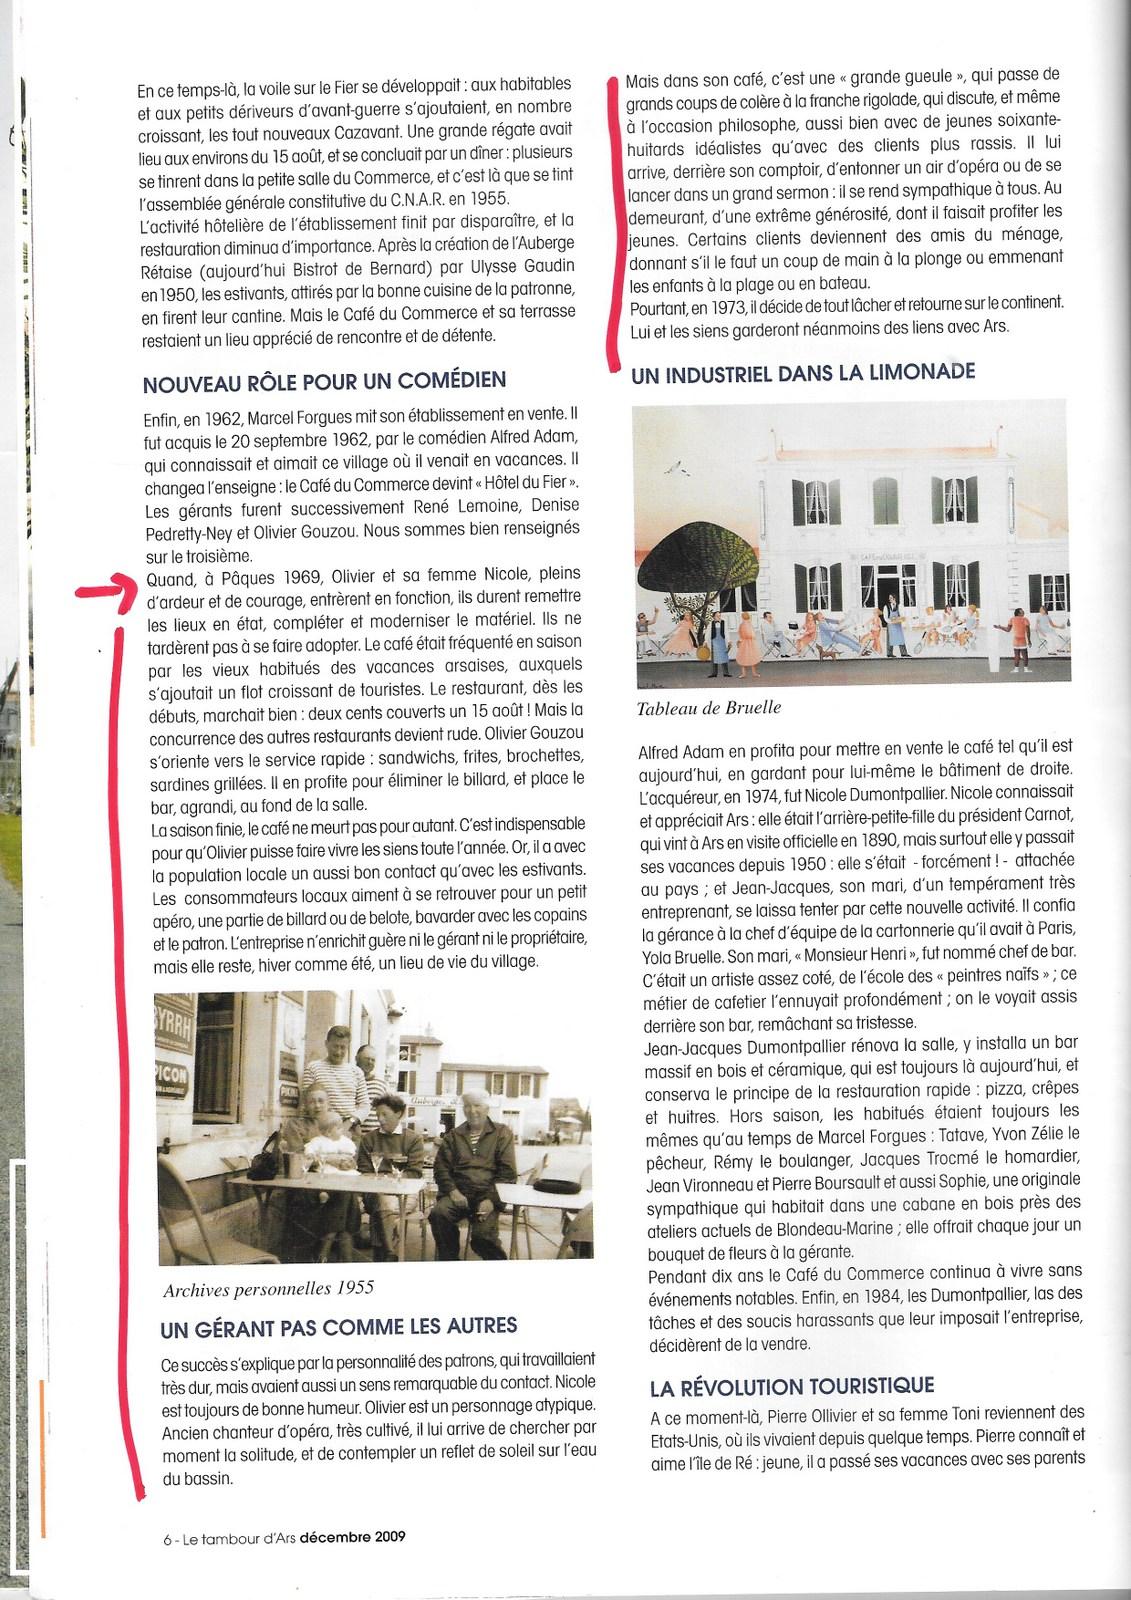 Texte Jean-Claude Carloni - Tambour d'Ars  décembre 2009